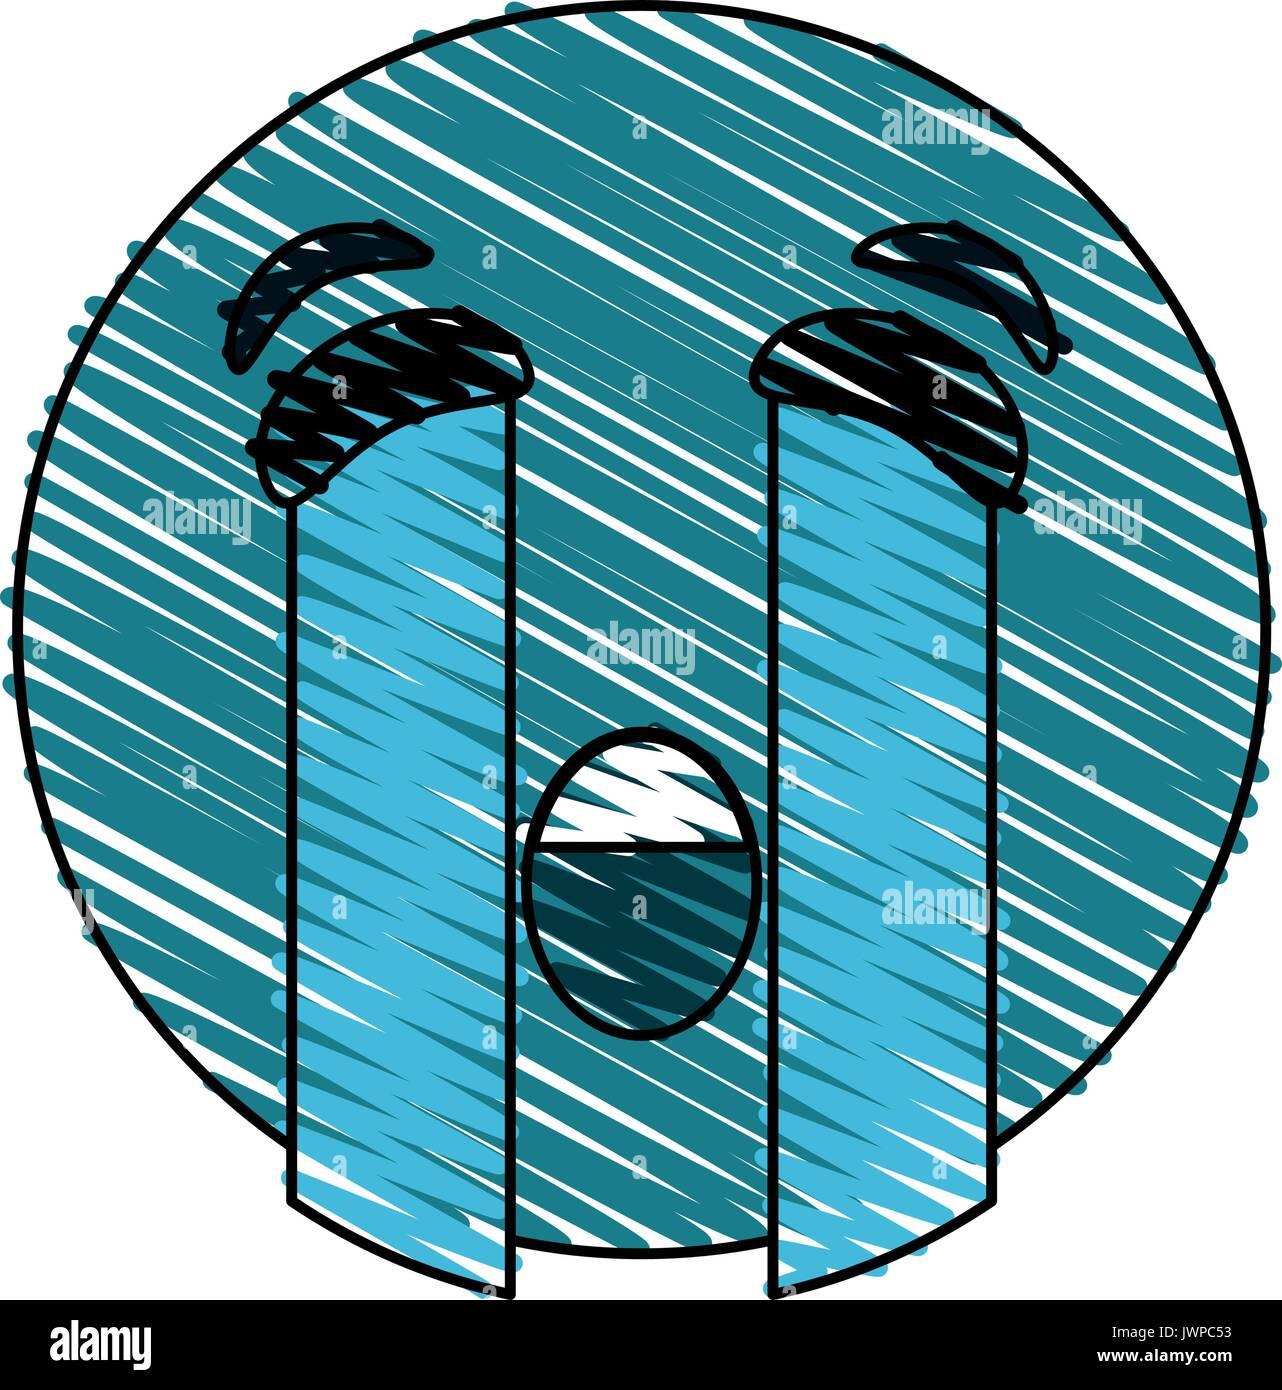 crying eyes emoji icon image  - Stock Image